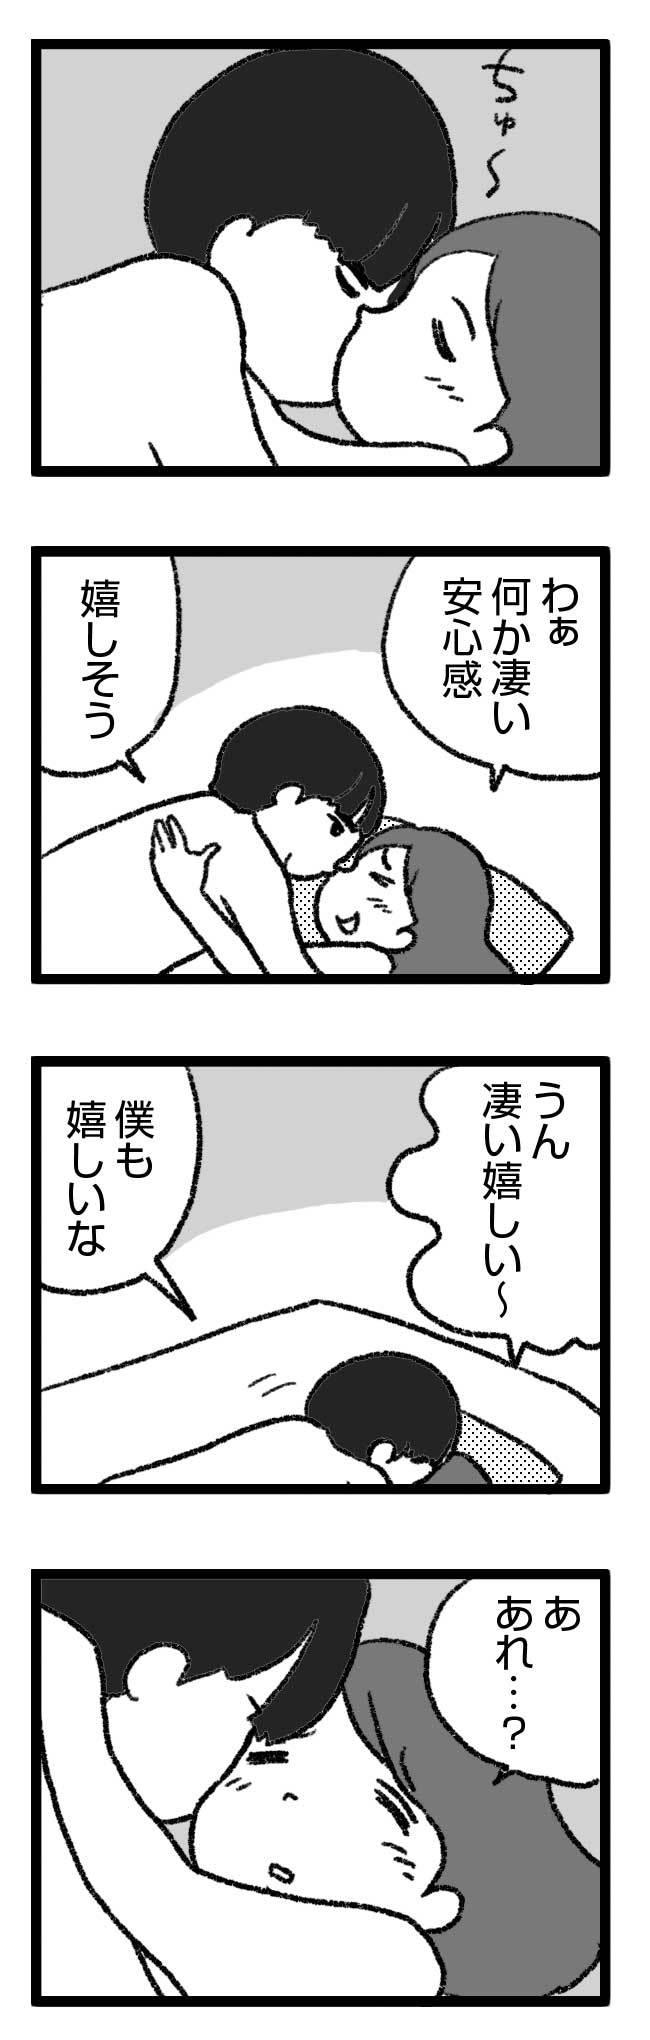 570 驚きのアレ 1 性交 いく イキ 中 複数 回 別居 離婚 射精 障害 まんが 漫画 マンガ